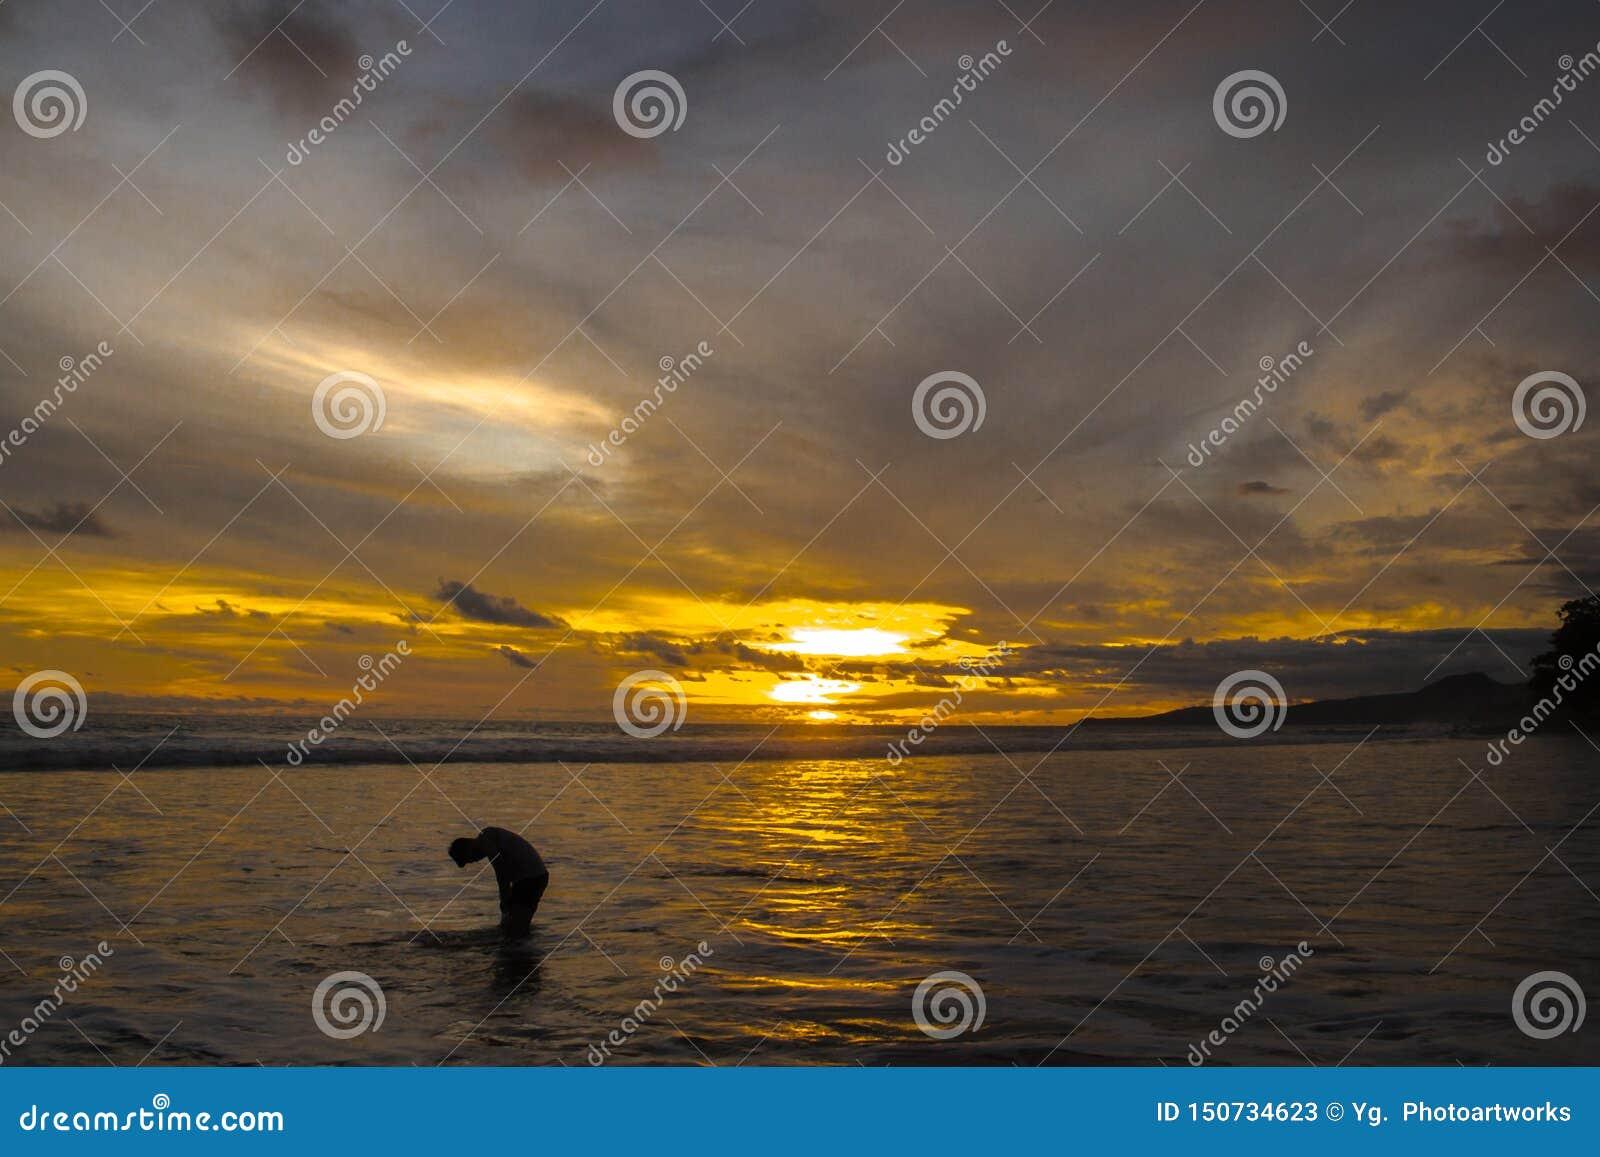 Δραματική σκηνή σκιαγραφιών στο χρυσό ηλιοβασίλεμα